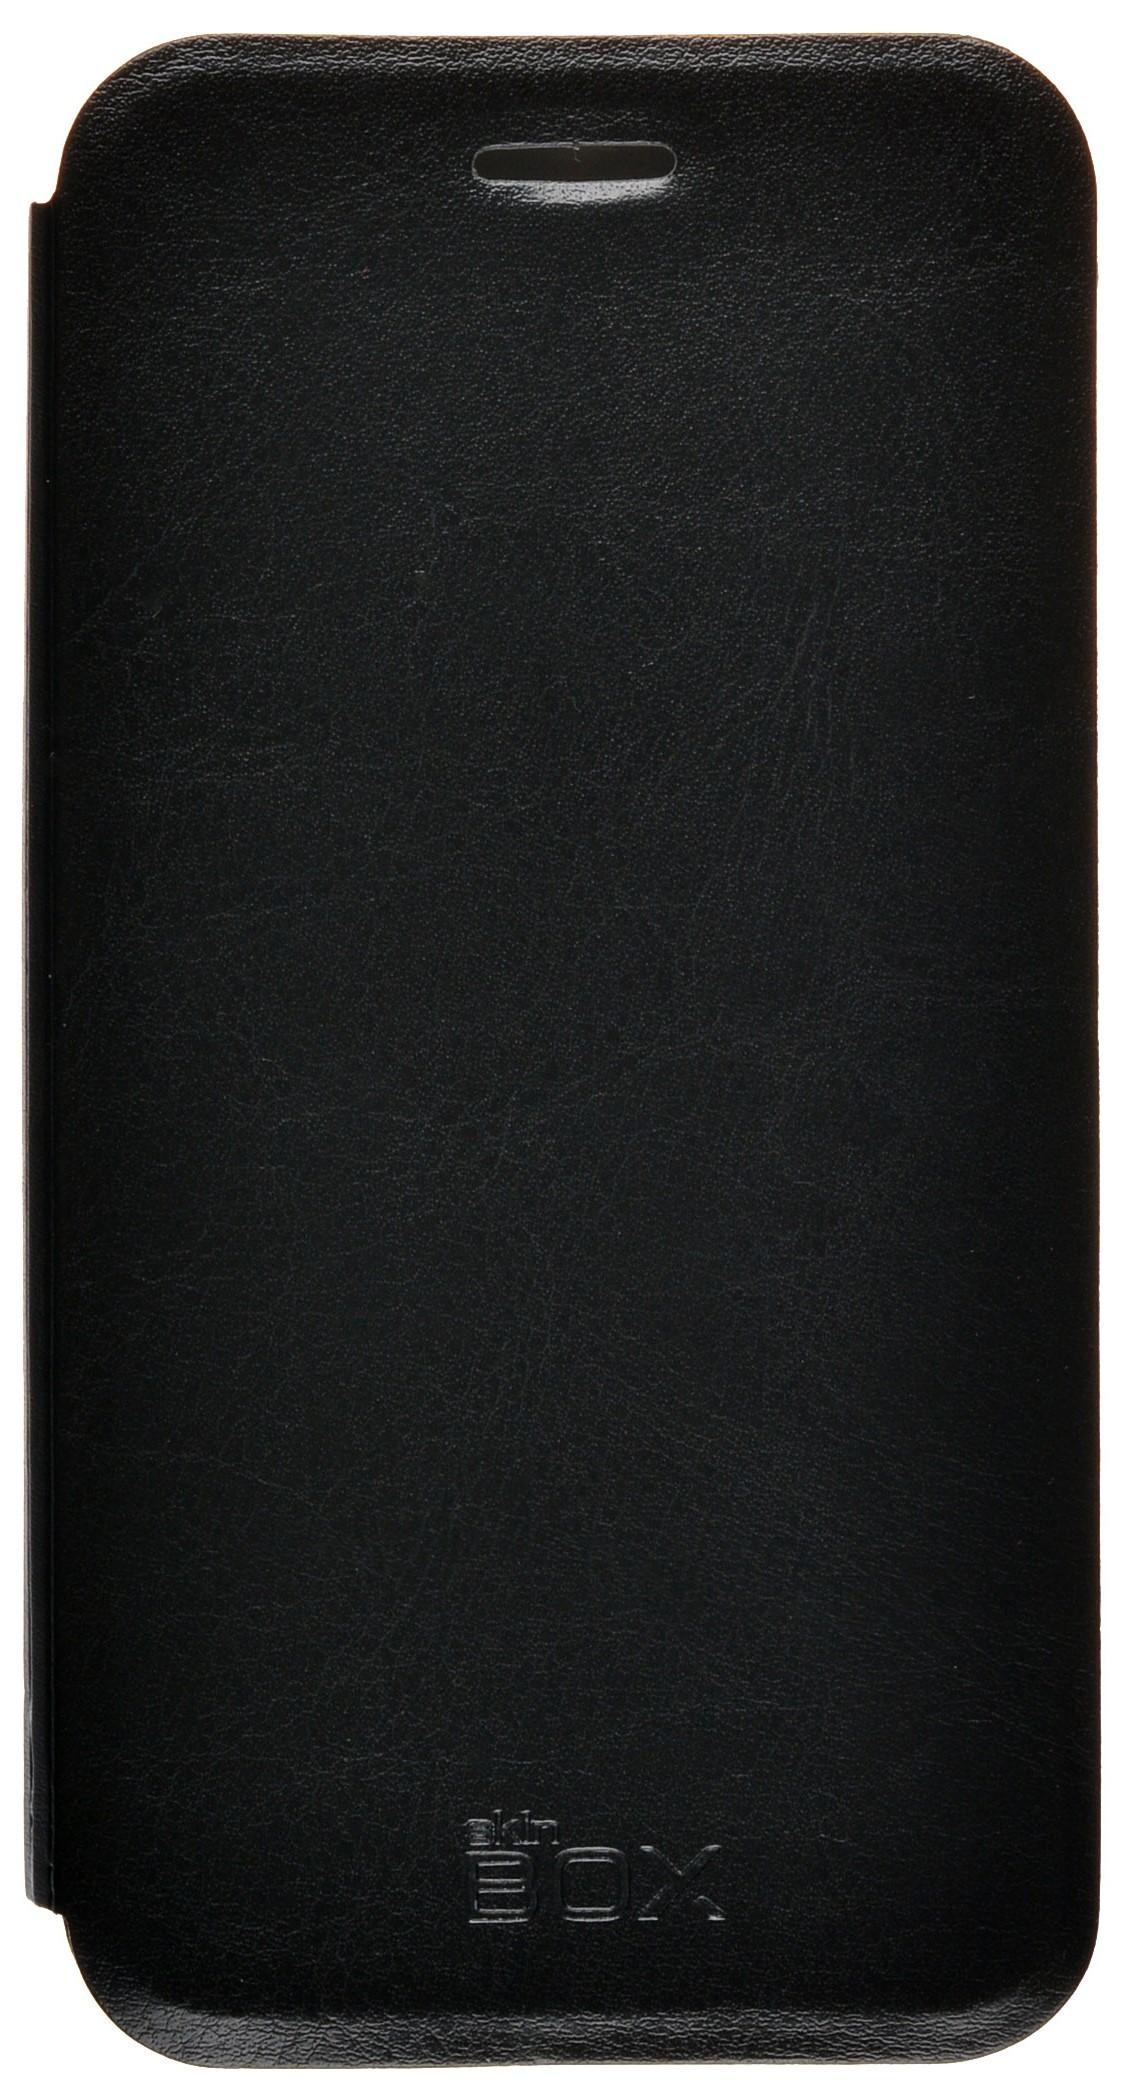 Чехол для сотового телефона skinBOX Lux, 4660041407556, черный